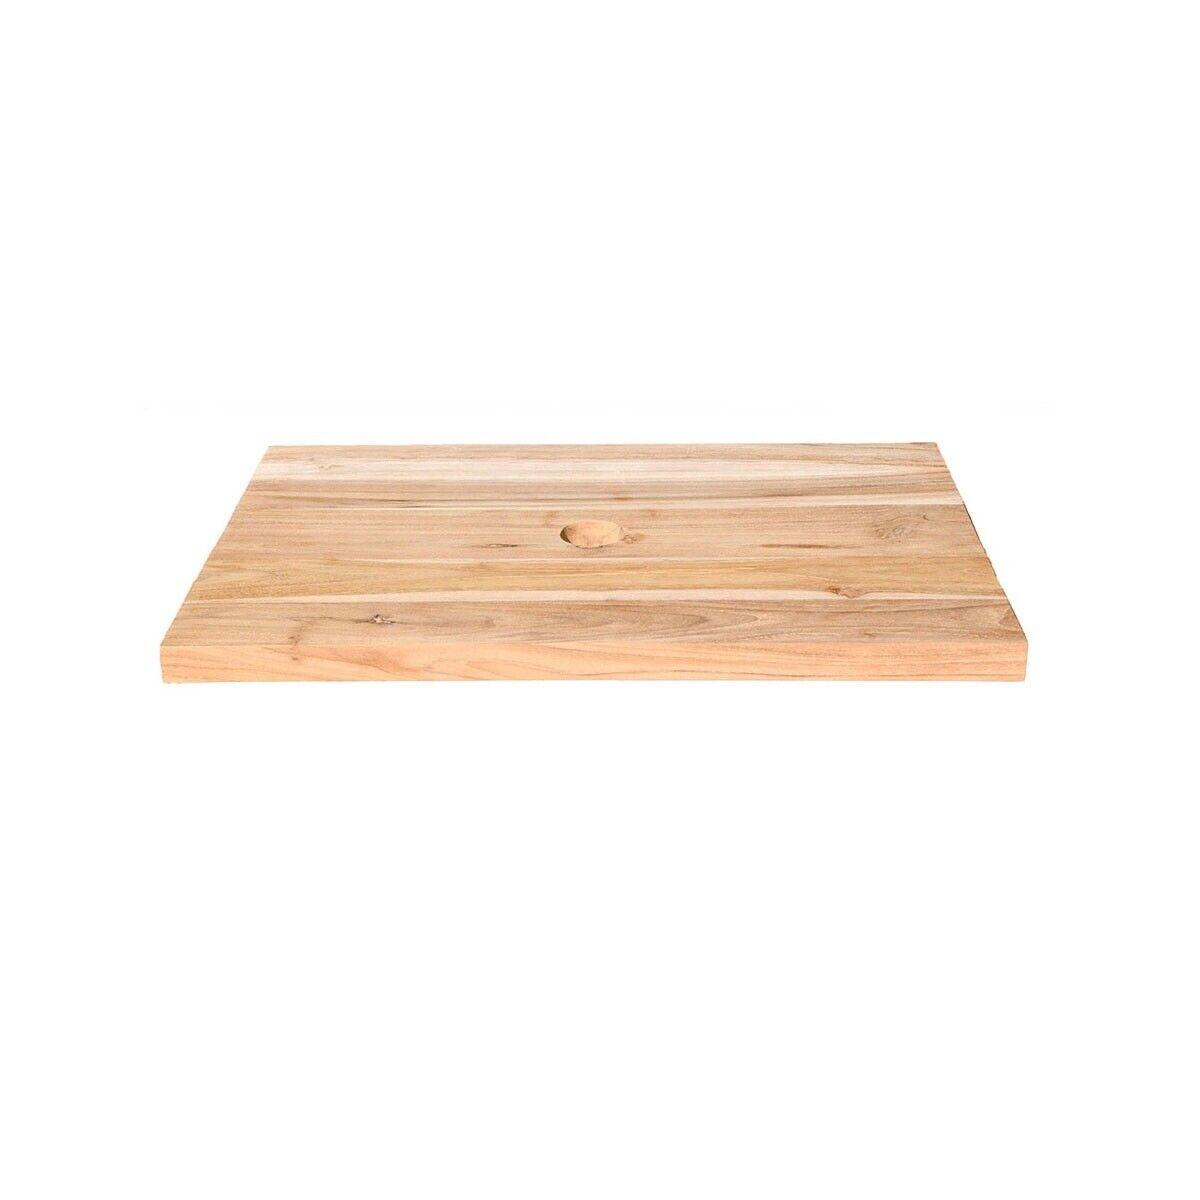 WOHNFREUDEN Holz Waschtisch-platte aus Teakholz 60 x 40 x 3 cm geschliffen